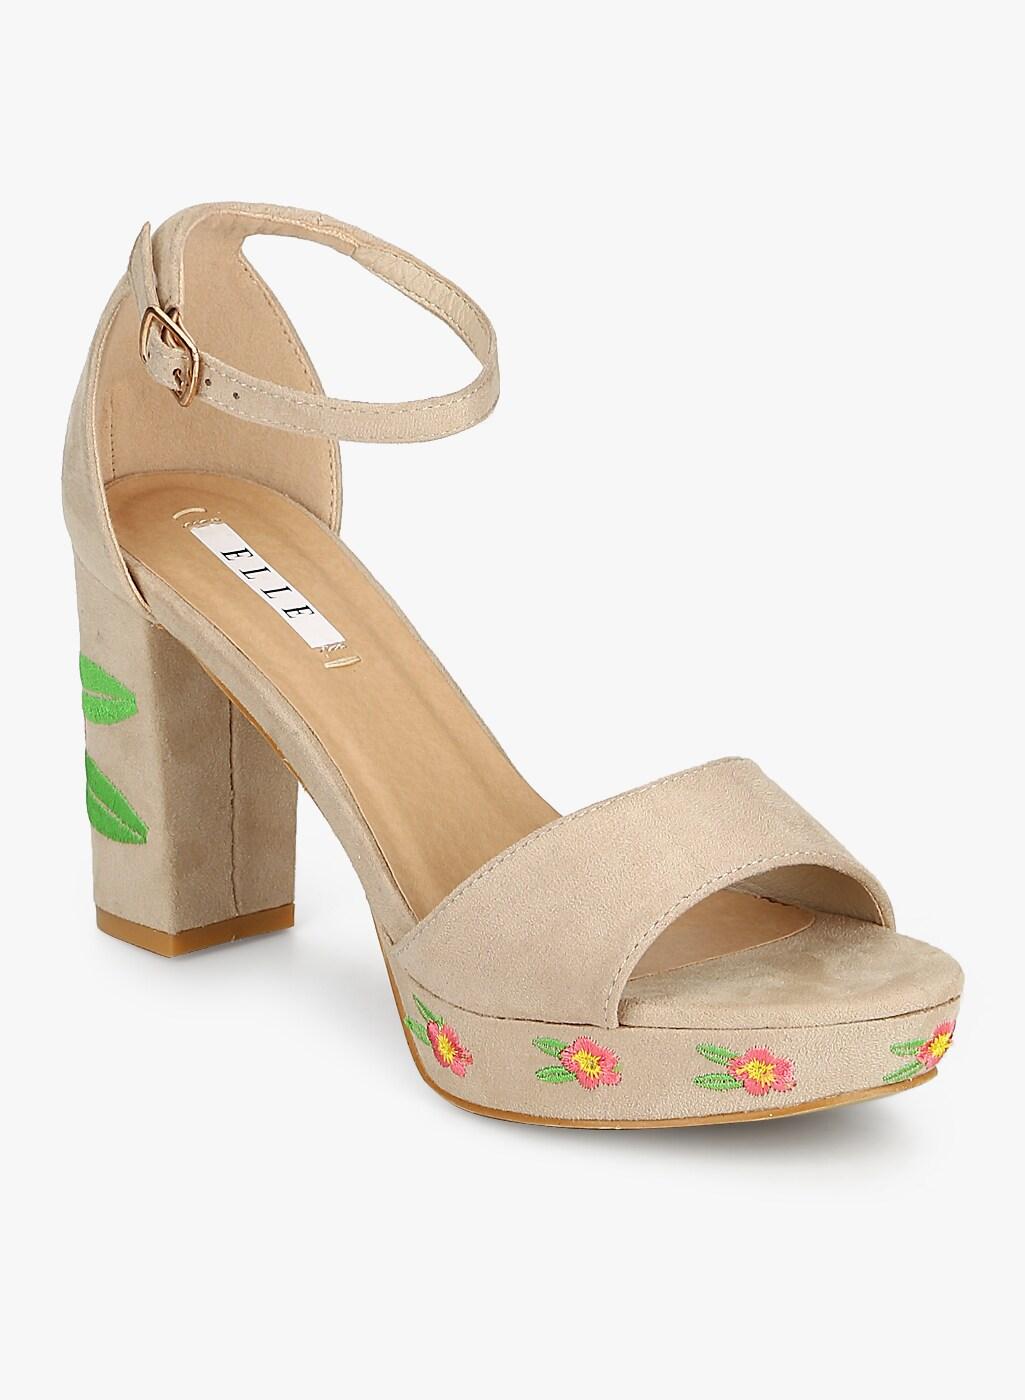 c9d6d61dd64 4 Inch Heels 3 - Buy 4 Inch Heels 3 online in India